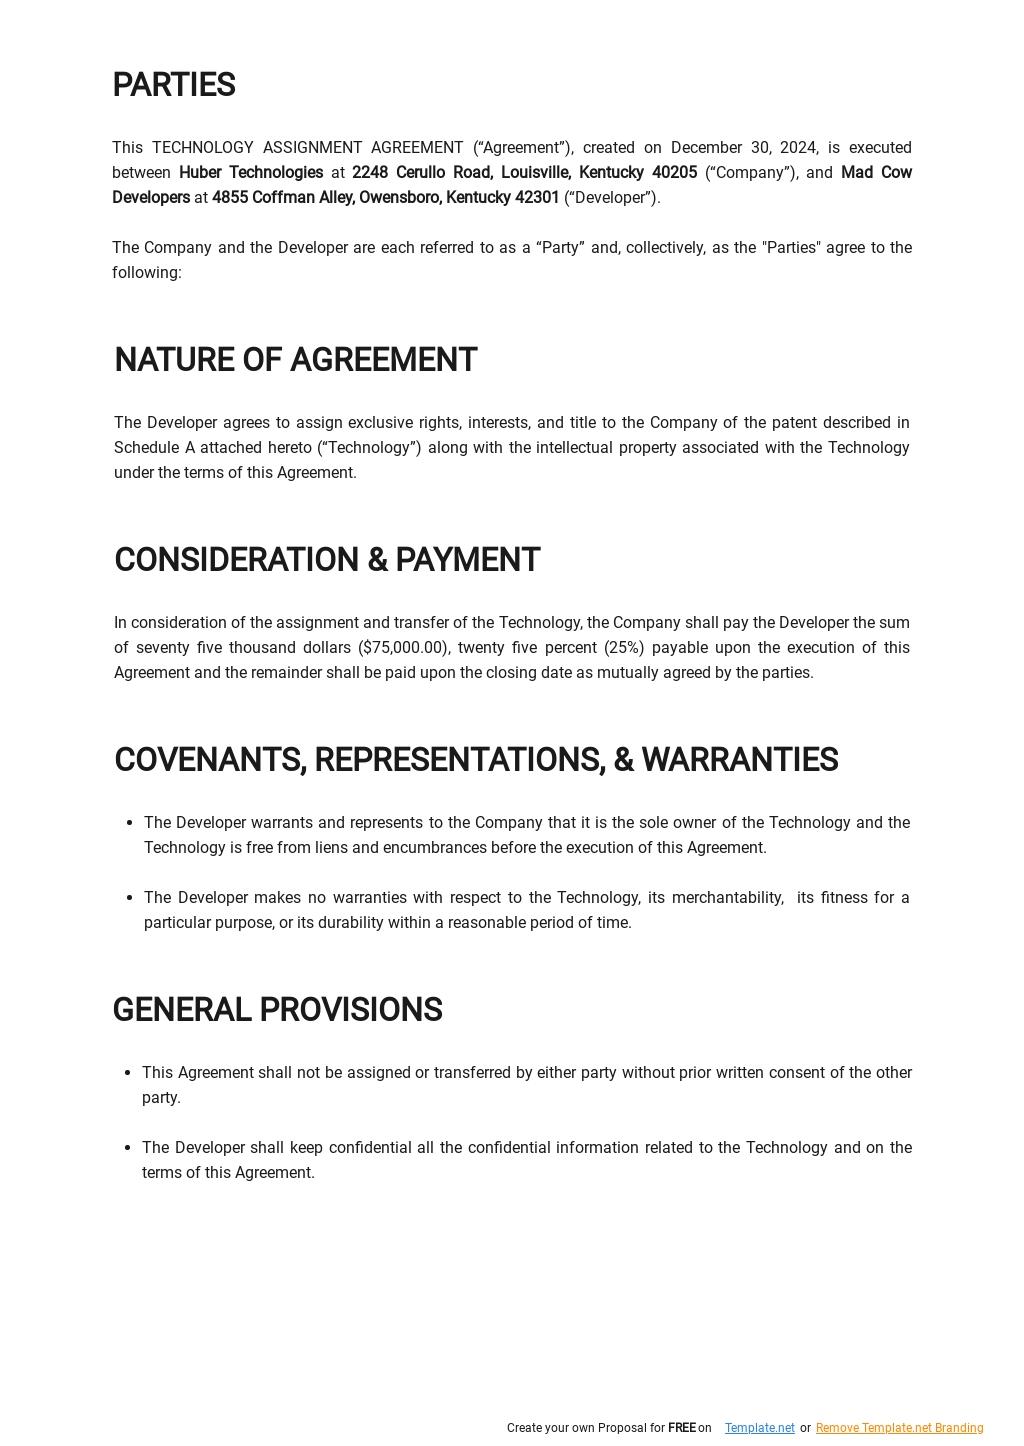 Sample Technology Assignment Agreement Template  1.jpe